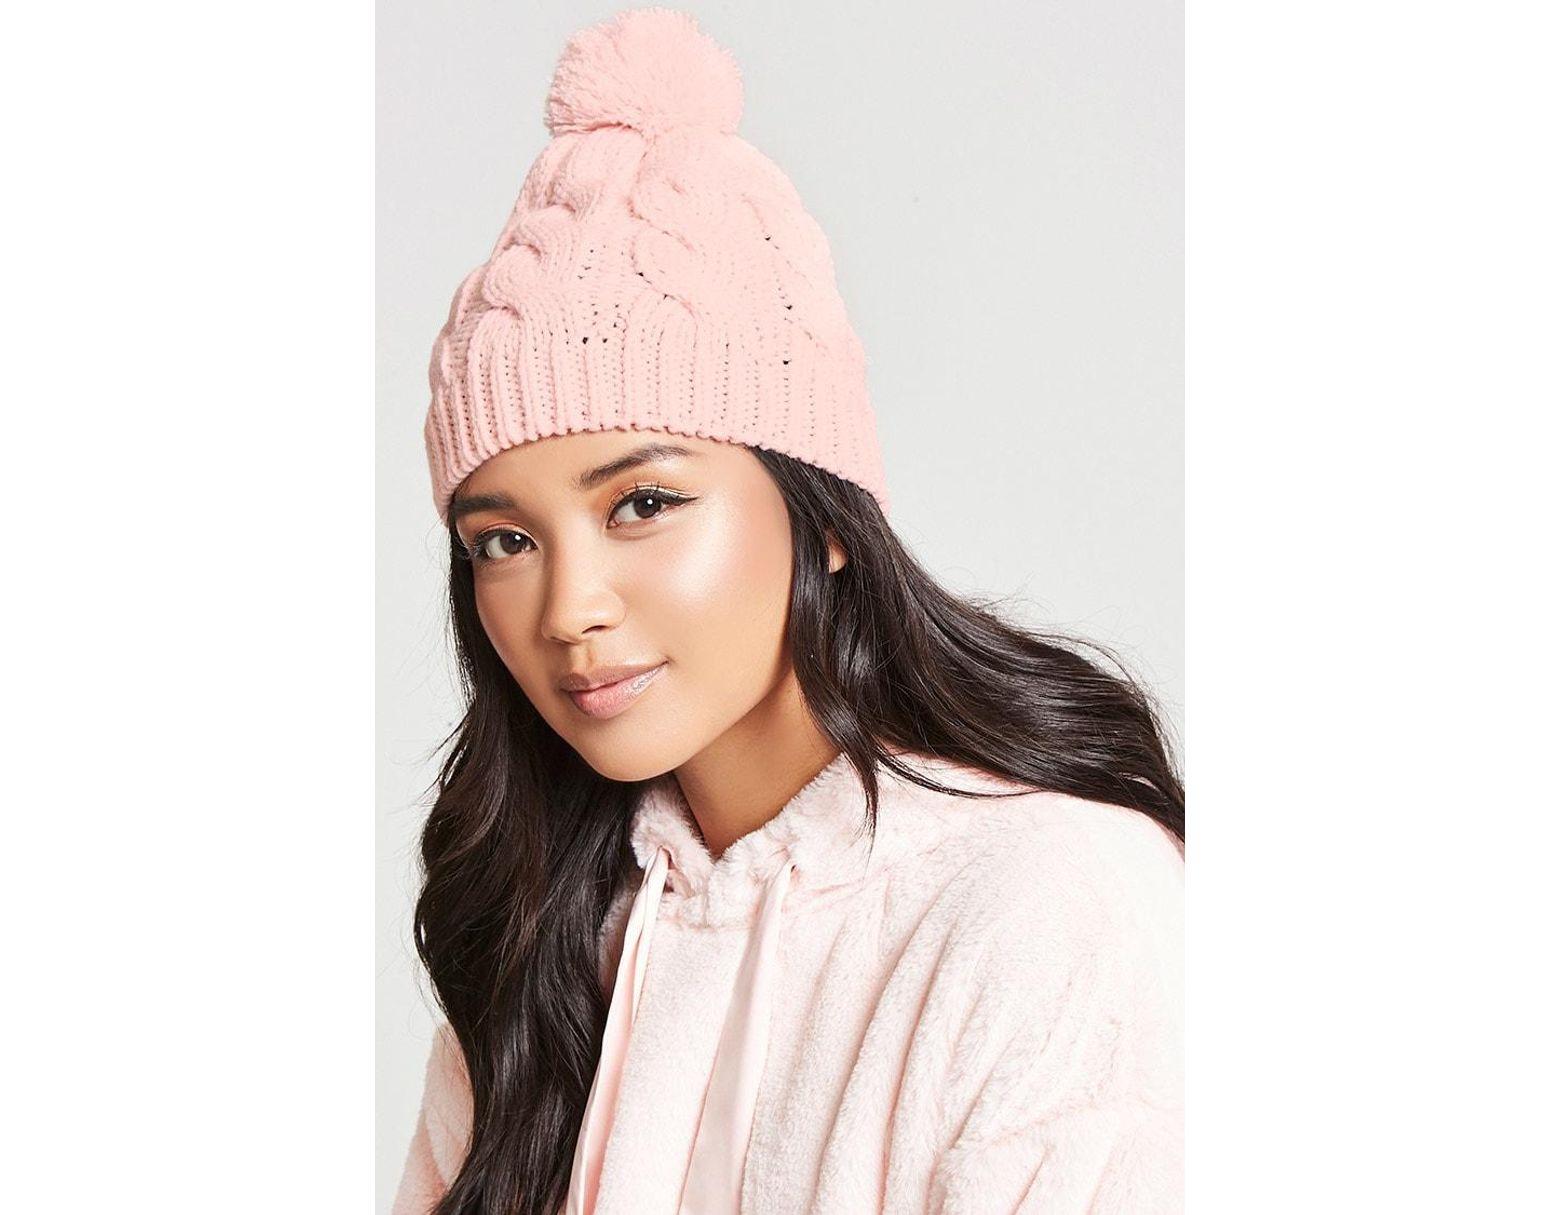 54b4b9c48 Women's Cable-knit Pom Pom Beanie , Pink